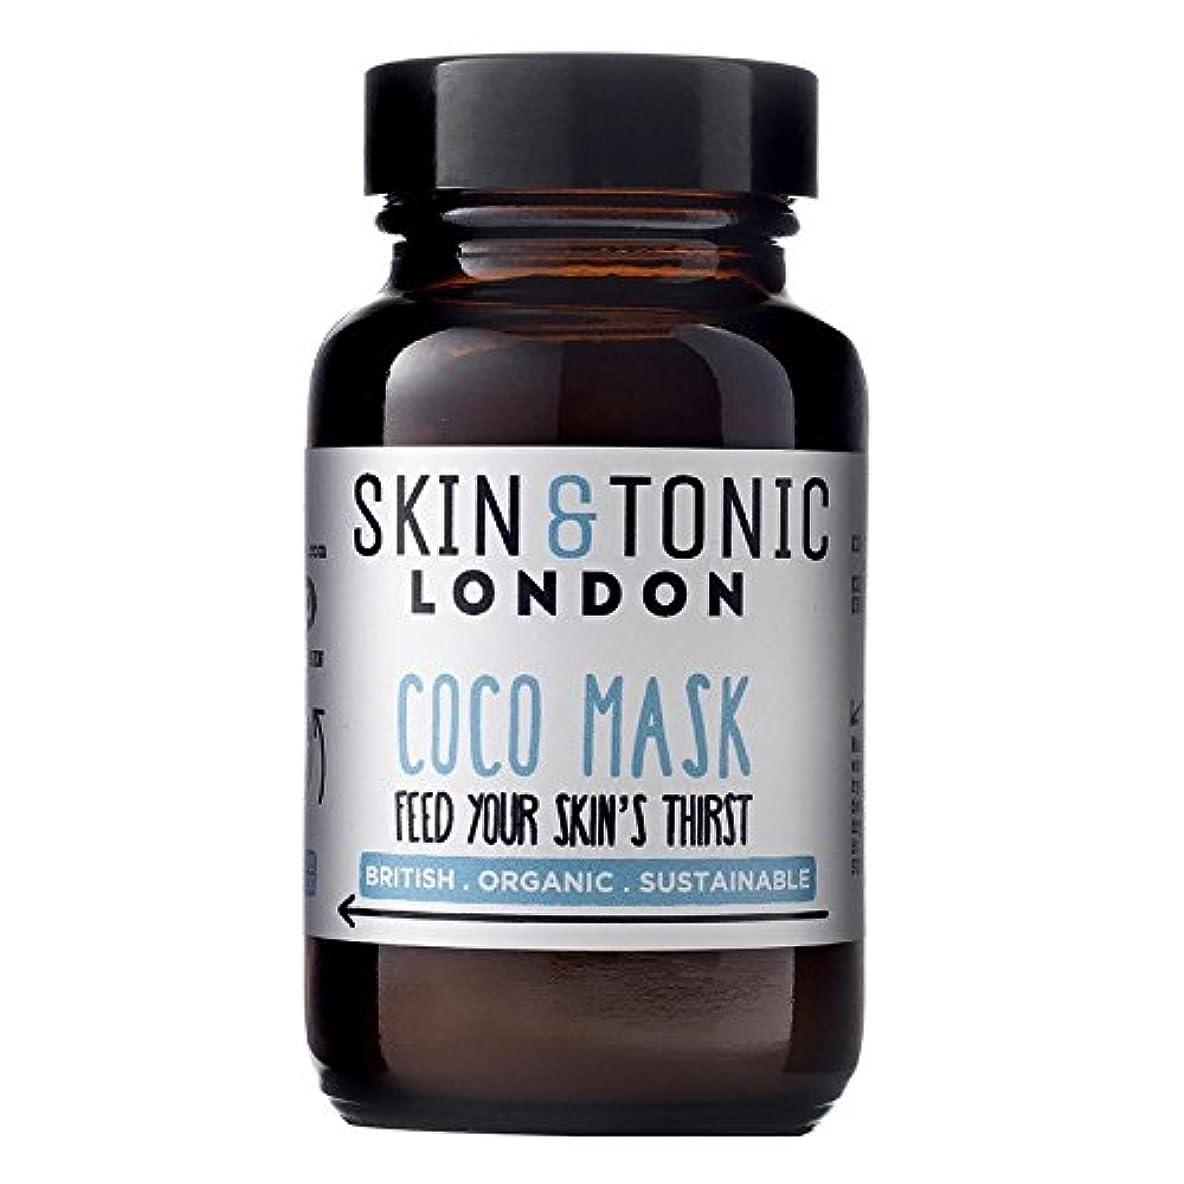 もつれ属性不測の事態スキン&トニックロンドンココマスク50グラム x4 - Skin & Tonic London Coco Mask 50g (Pack of 4) [並行輸入品]